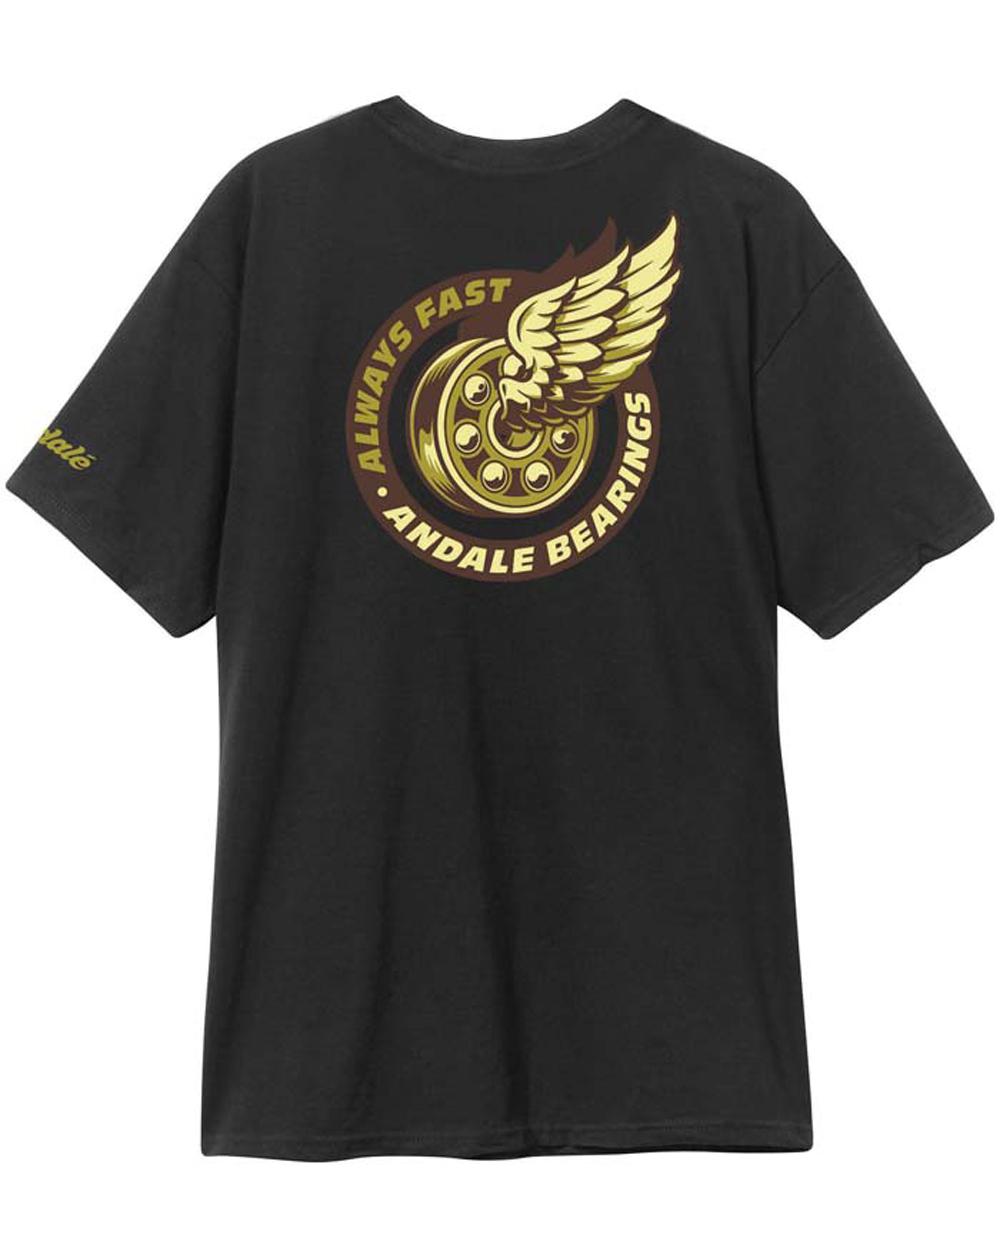 Andalé Men's T-Shirt Excel Premium Black